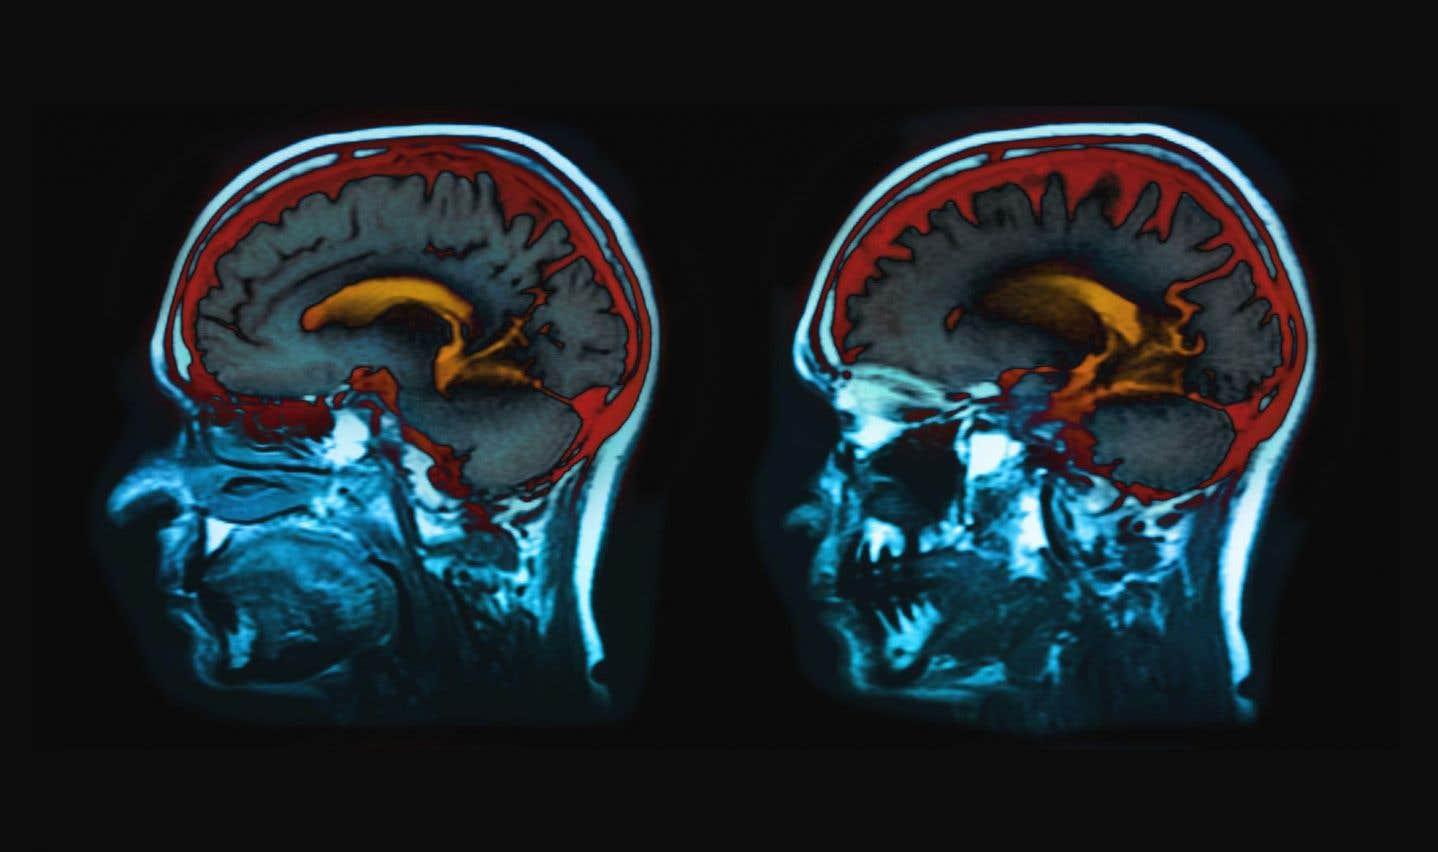 «C'est le cerveau qui mène le bal! C'est à lui qu'on doit notre humeur, notre concentration, notre créativité et notre confiance en nous-mêmes», explique le psychiatre américain Drew Ramsey de l'Université Columbia.